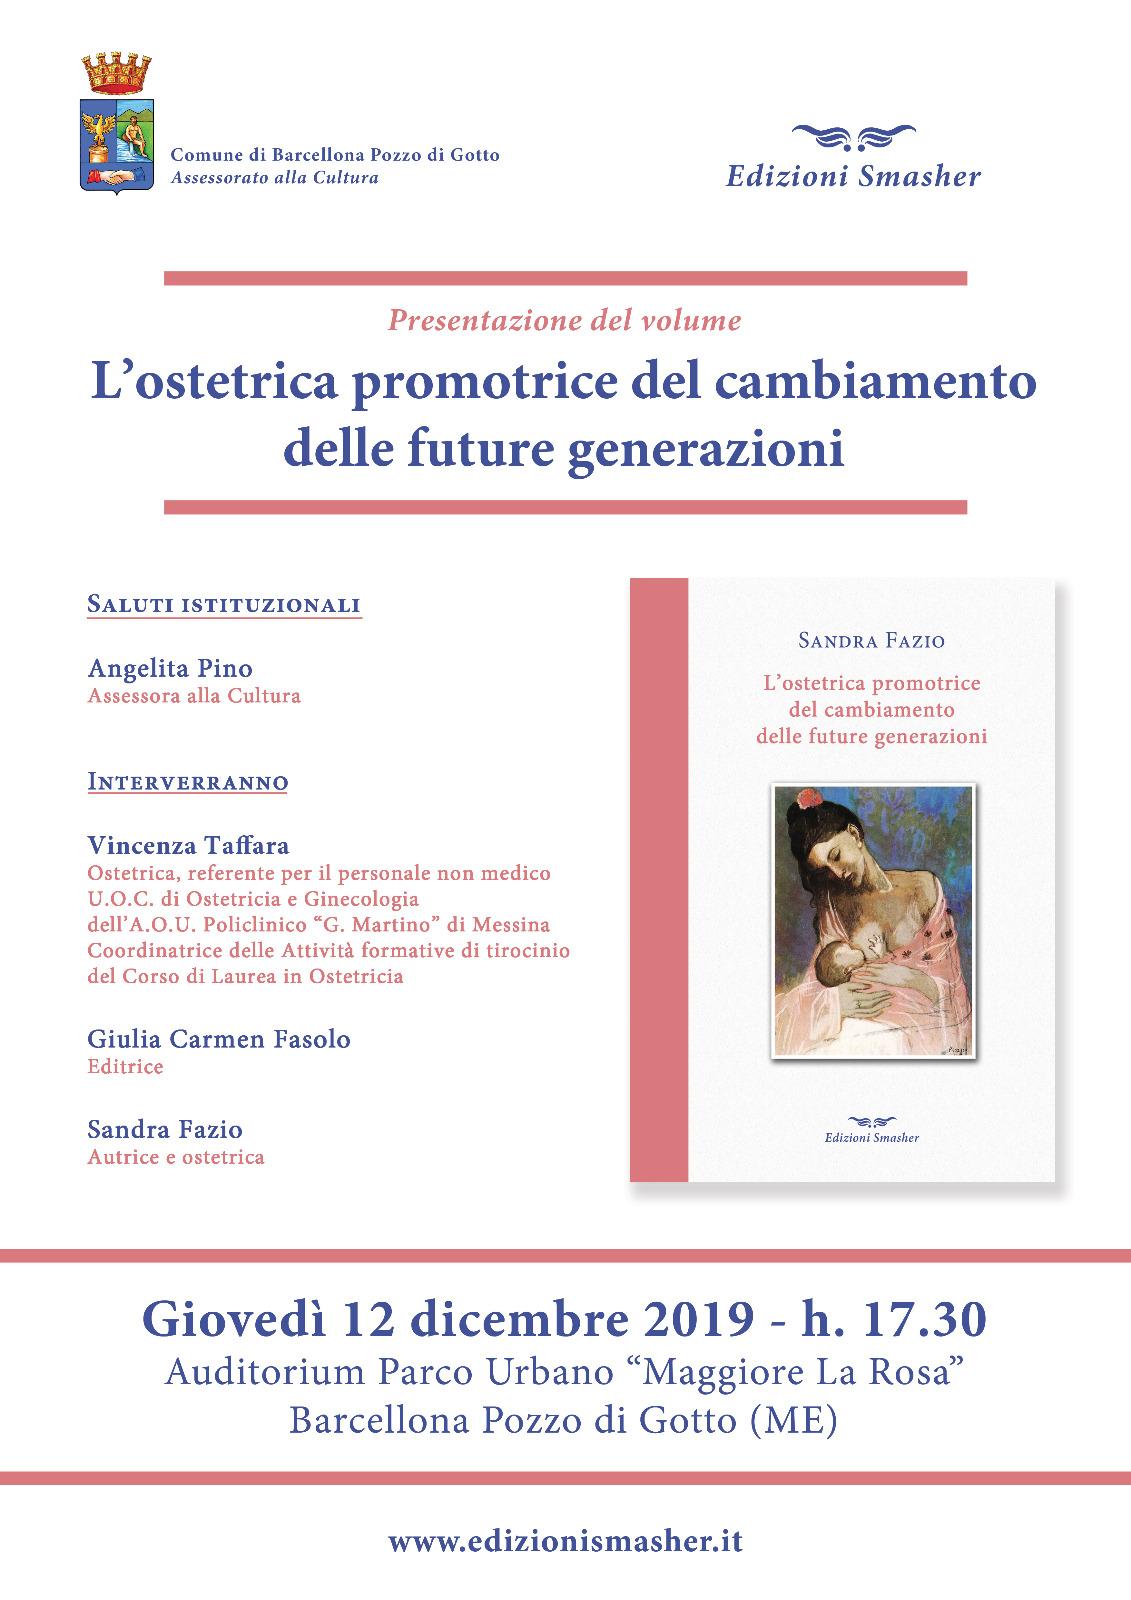 """Barcellona PG. Sandra Fazio presenta il manuale """"L'ostetrica promotrice del cambiamento delle future generazioni"""" (Edizioni Smasher)"""